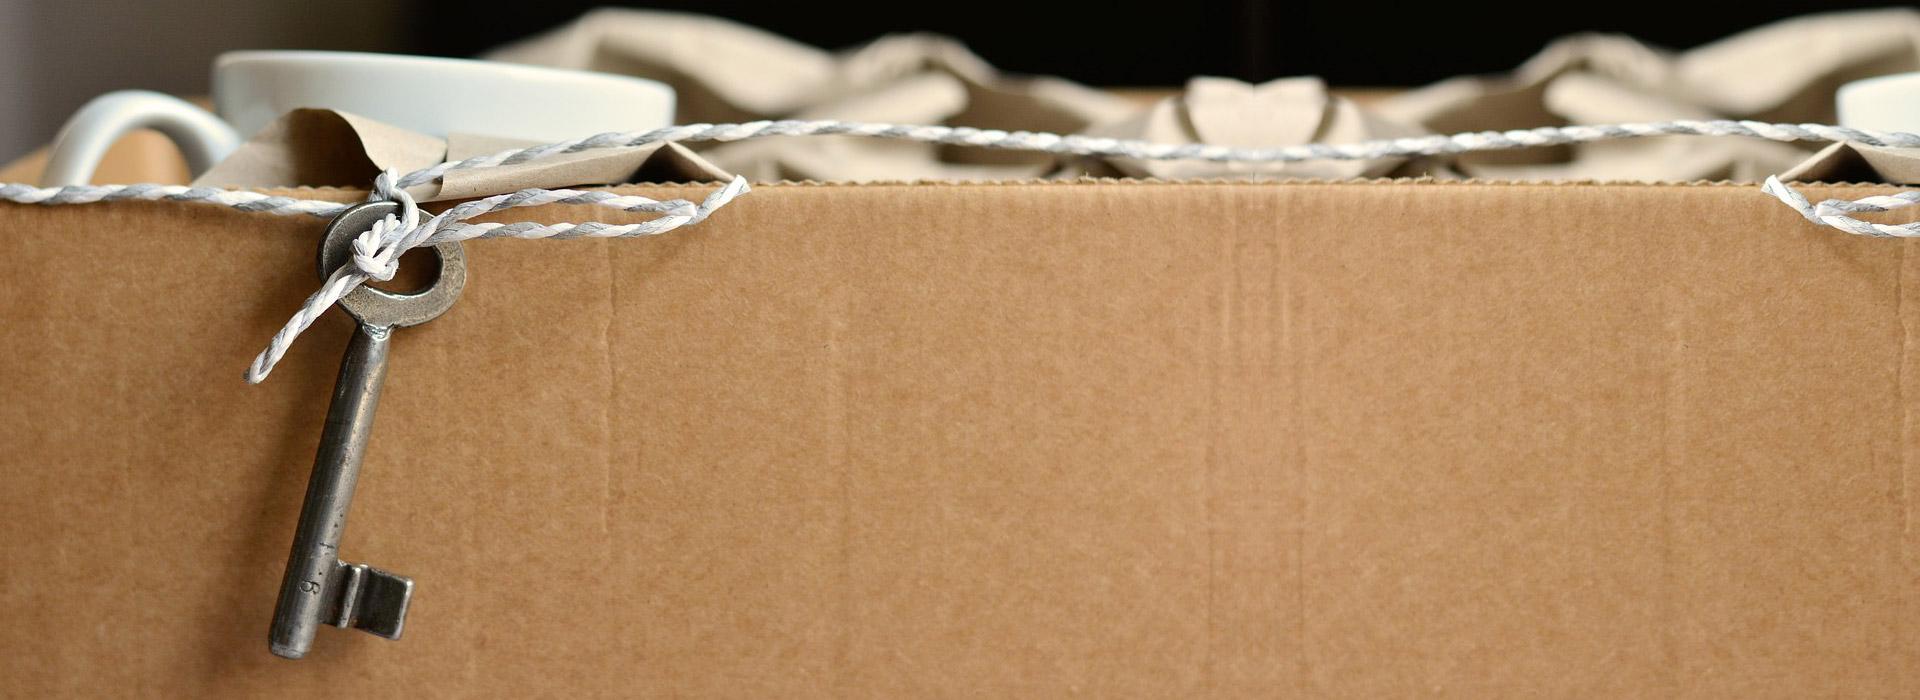 מפתח בתוך קופסא